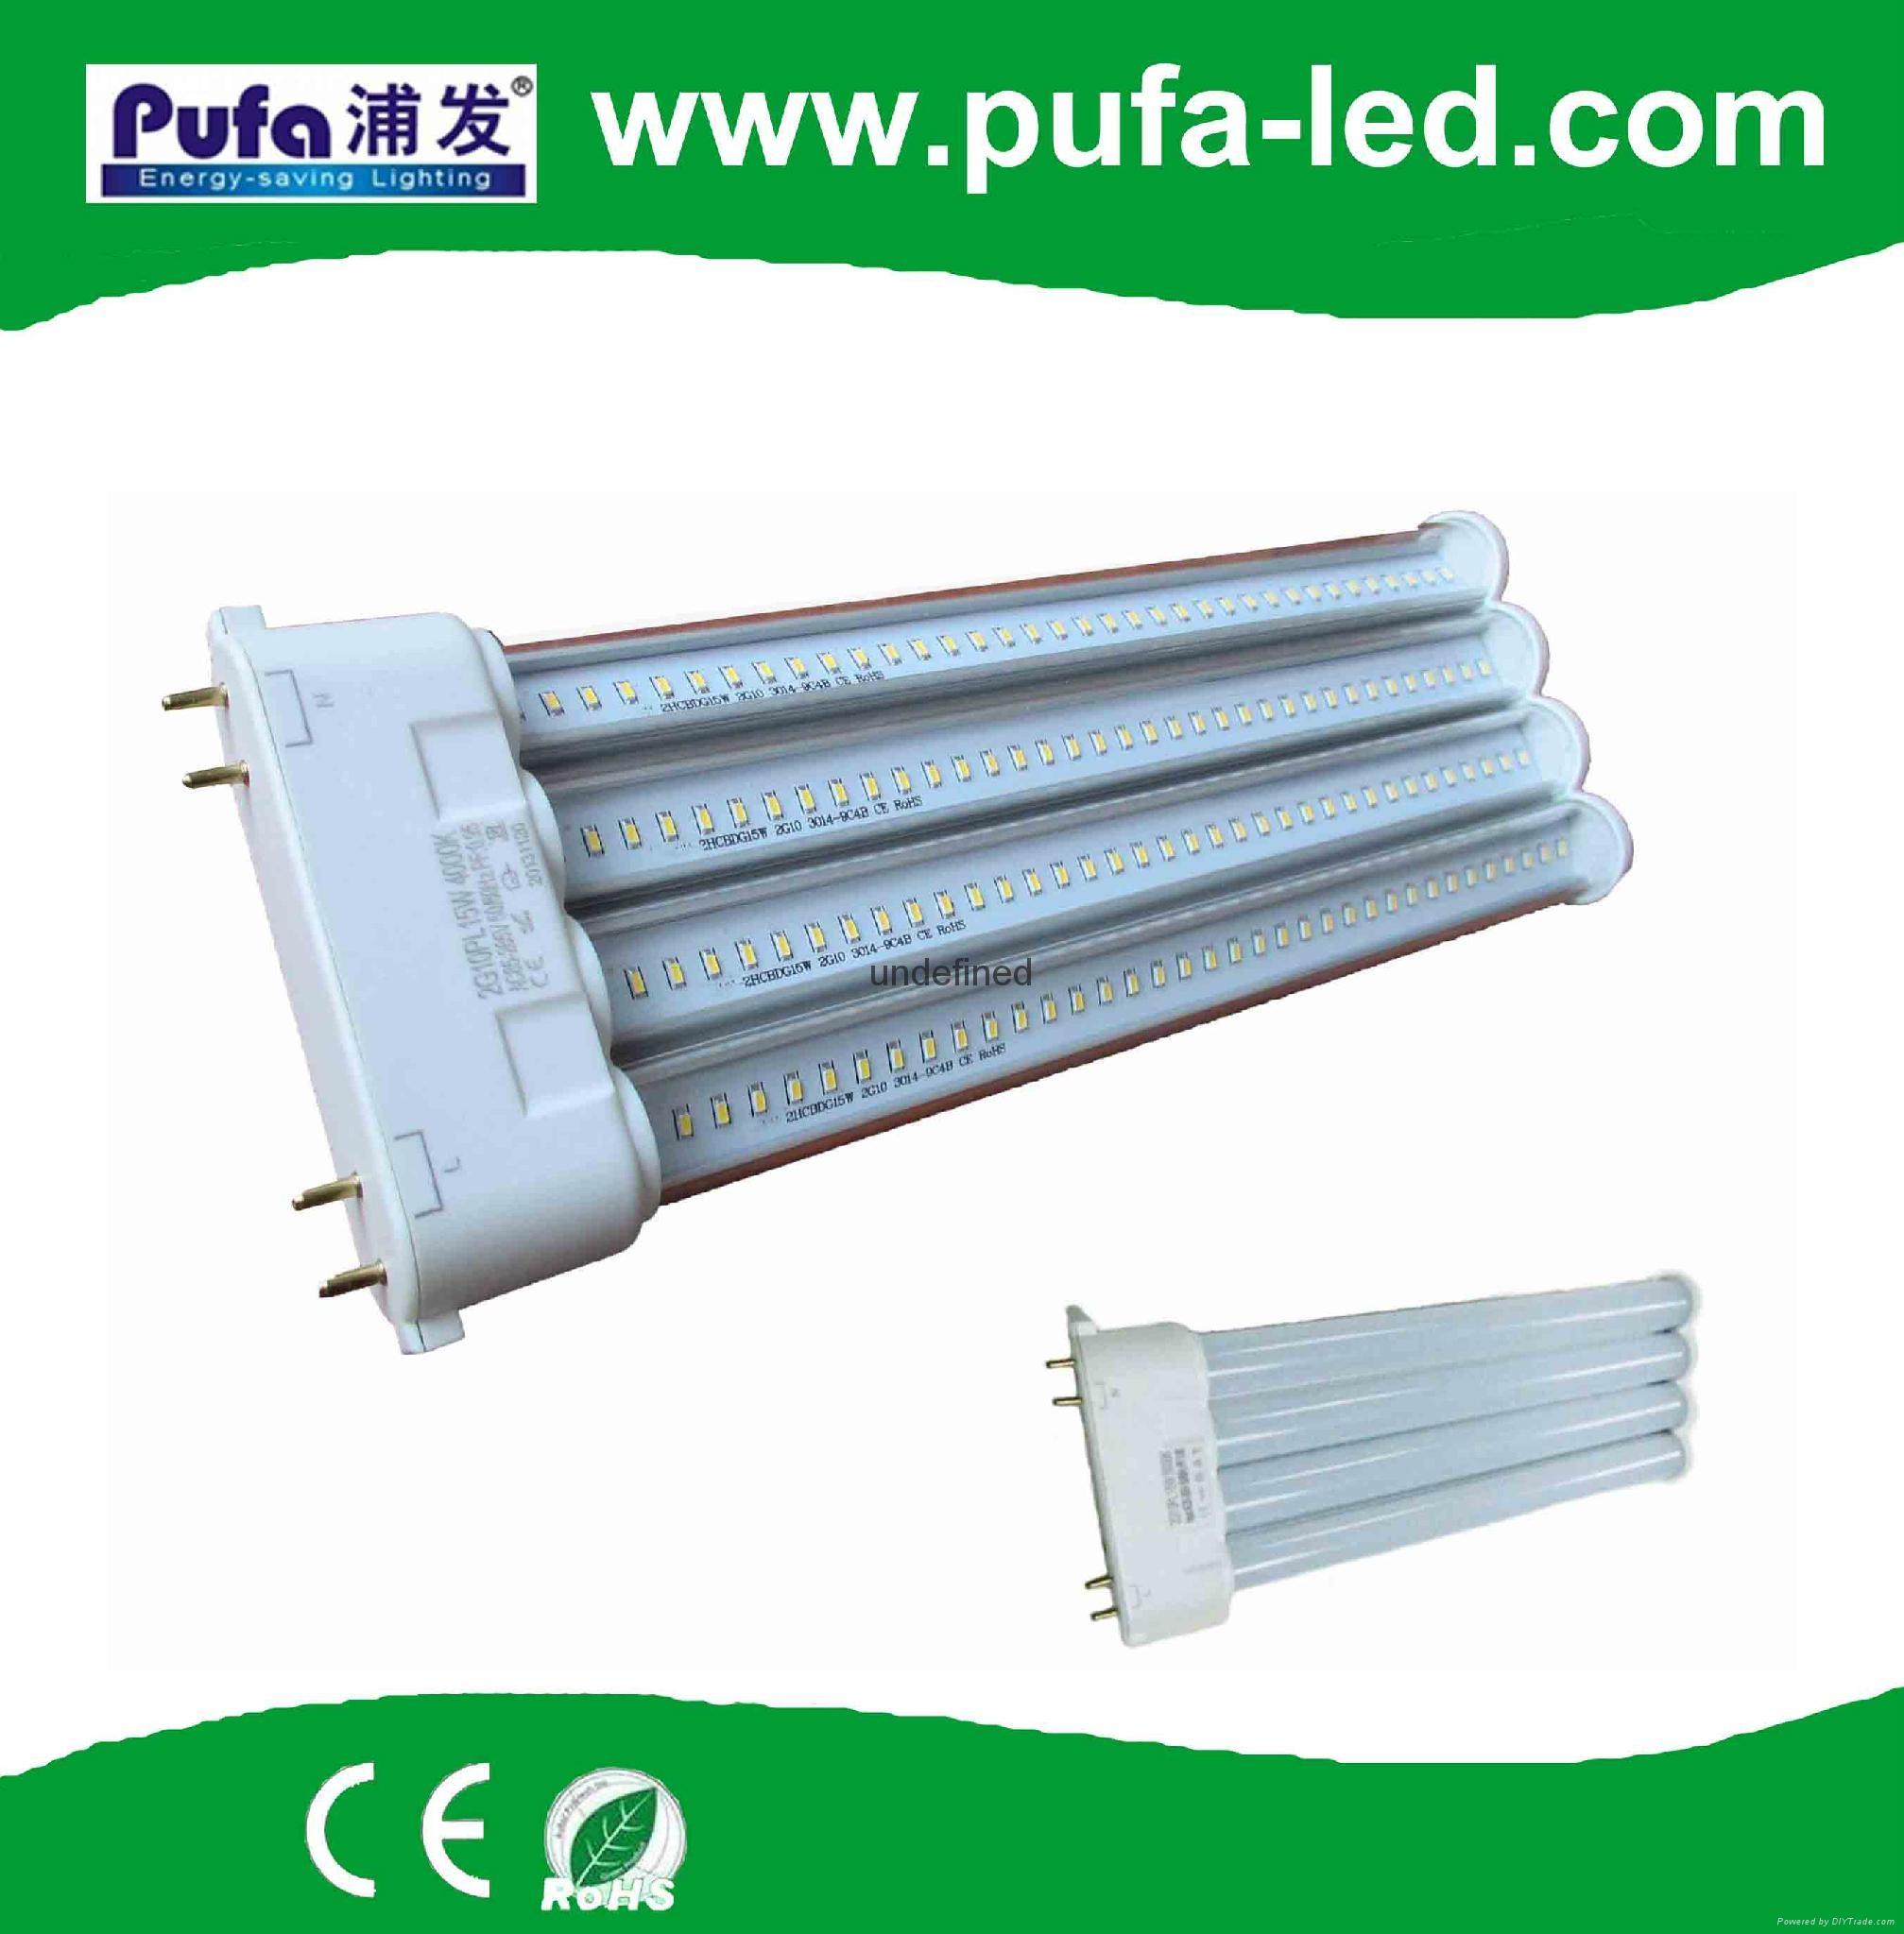 2G10 LED横插灯管 11W 1